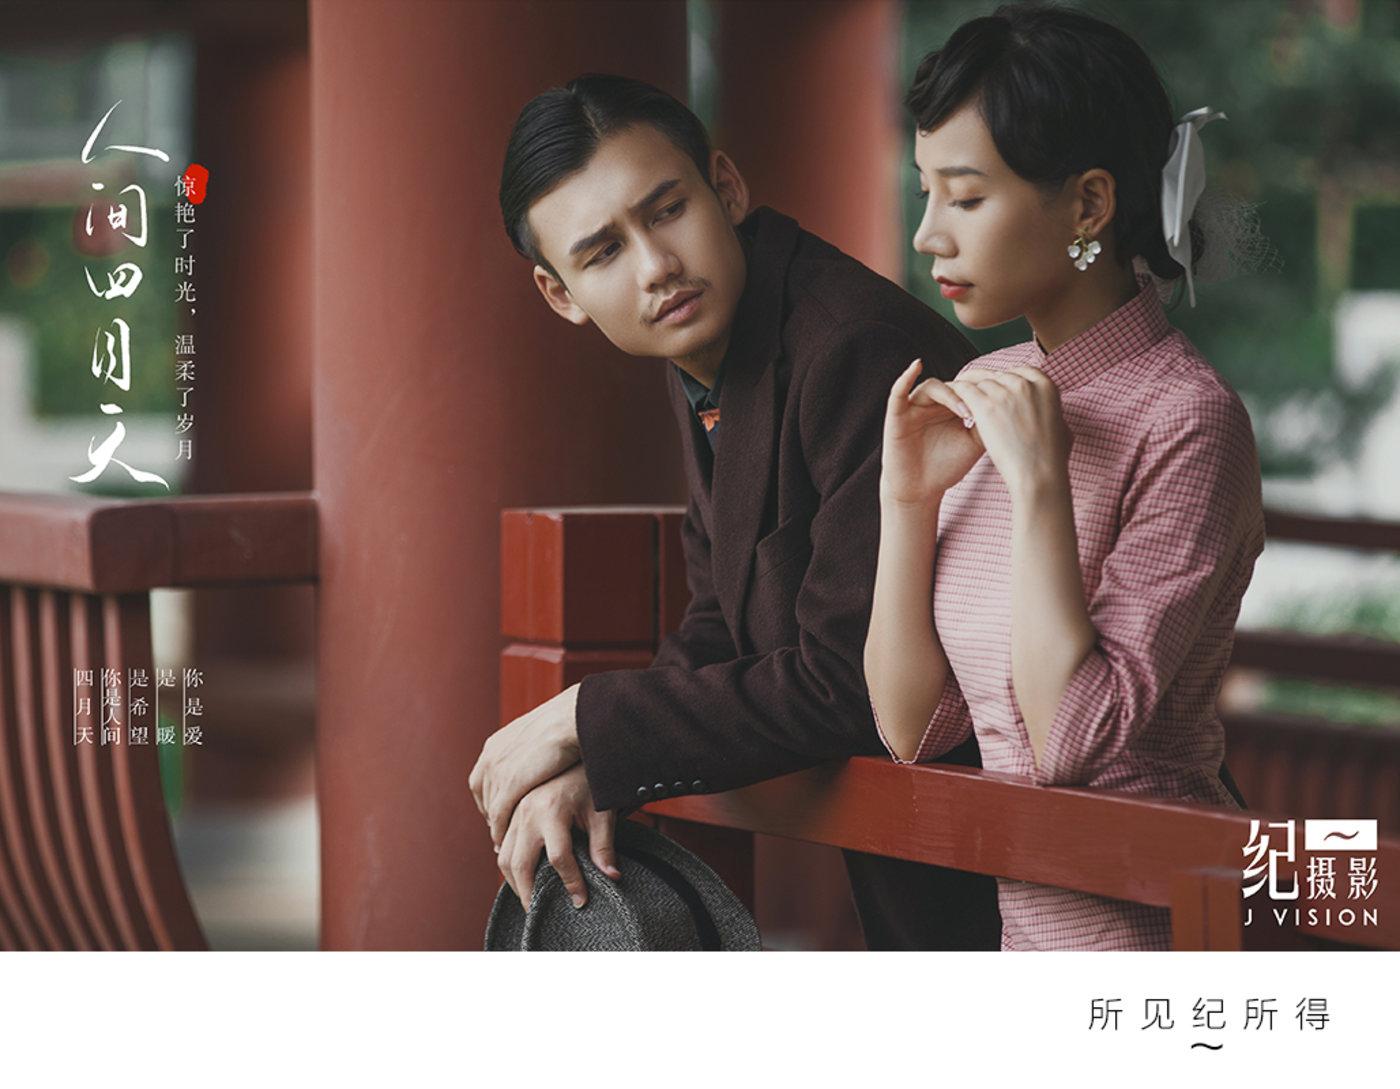 < 文艺丨 倾城之恋 >12